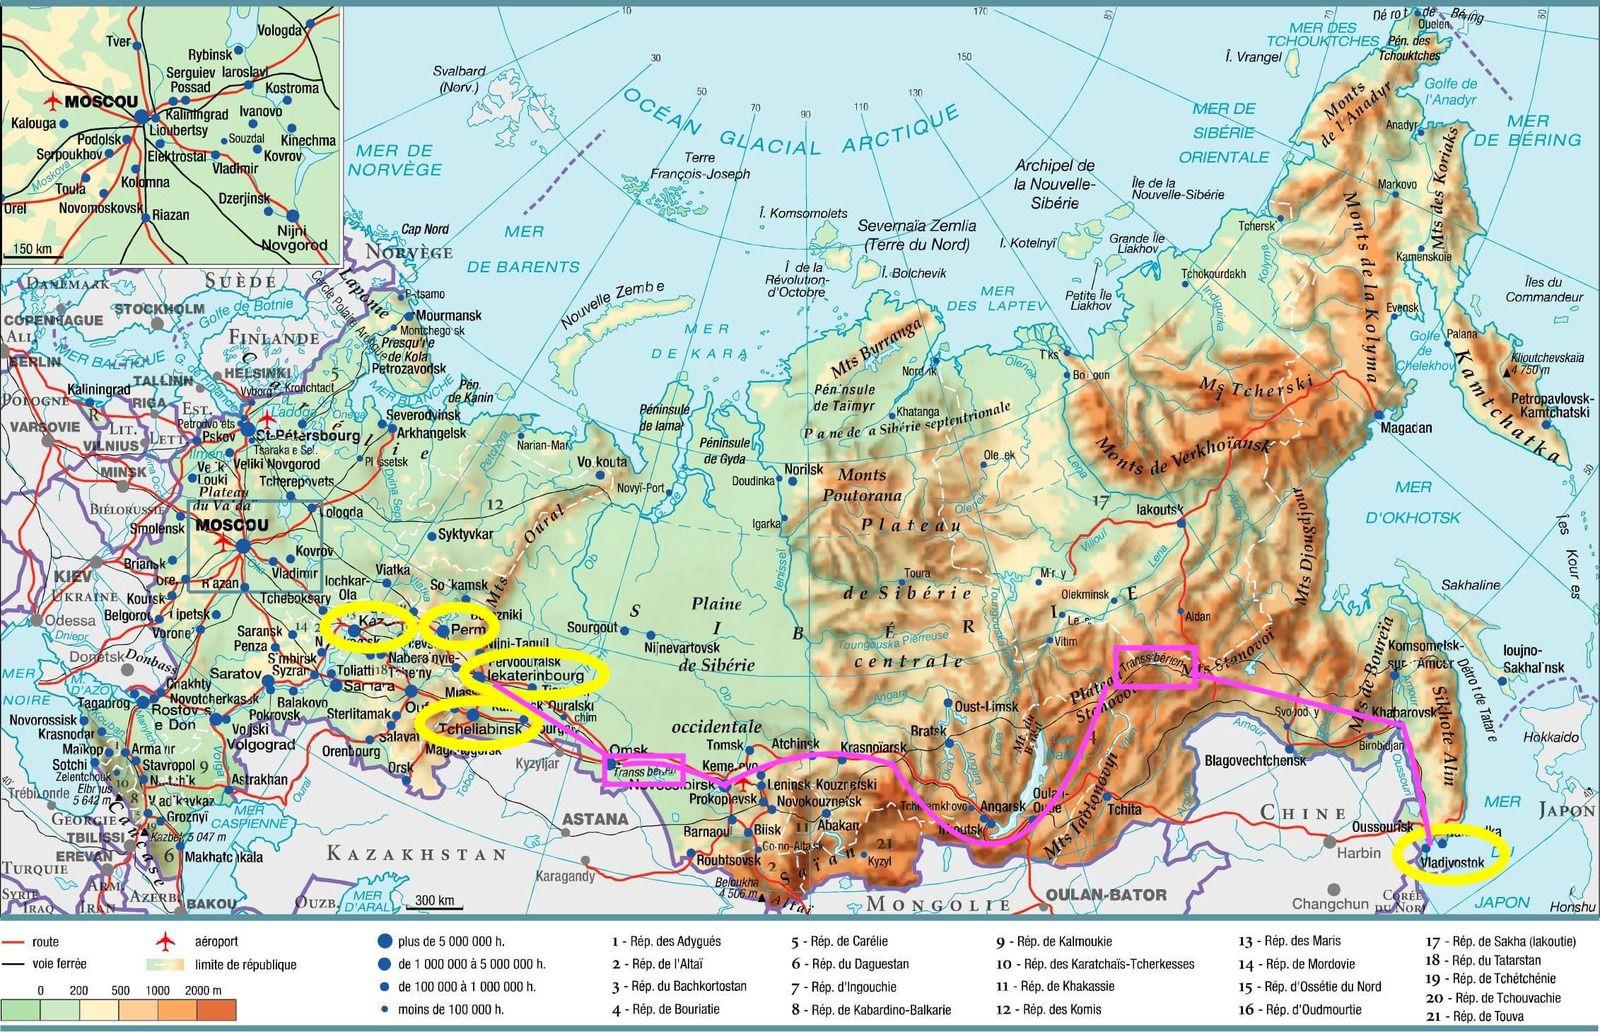 Carte Encyclopédie Larousse